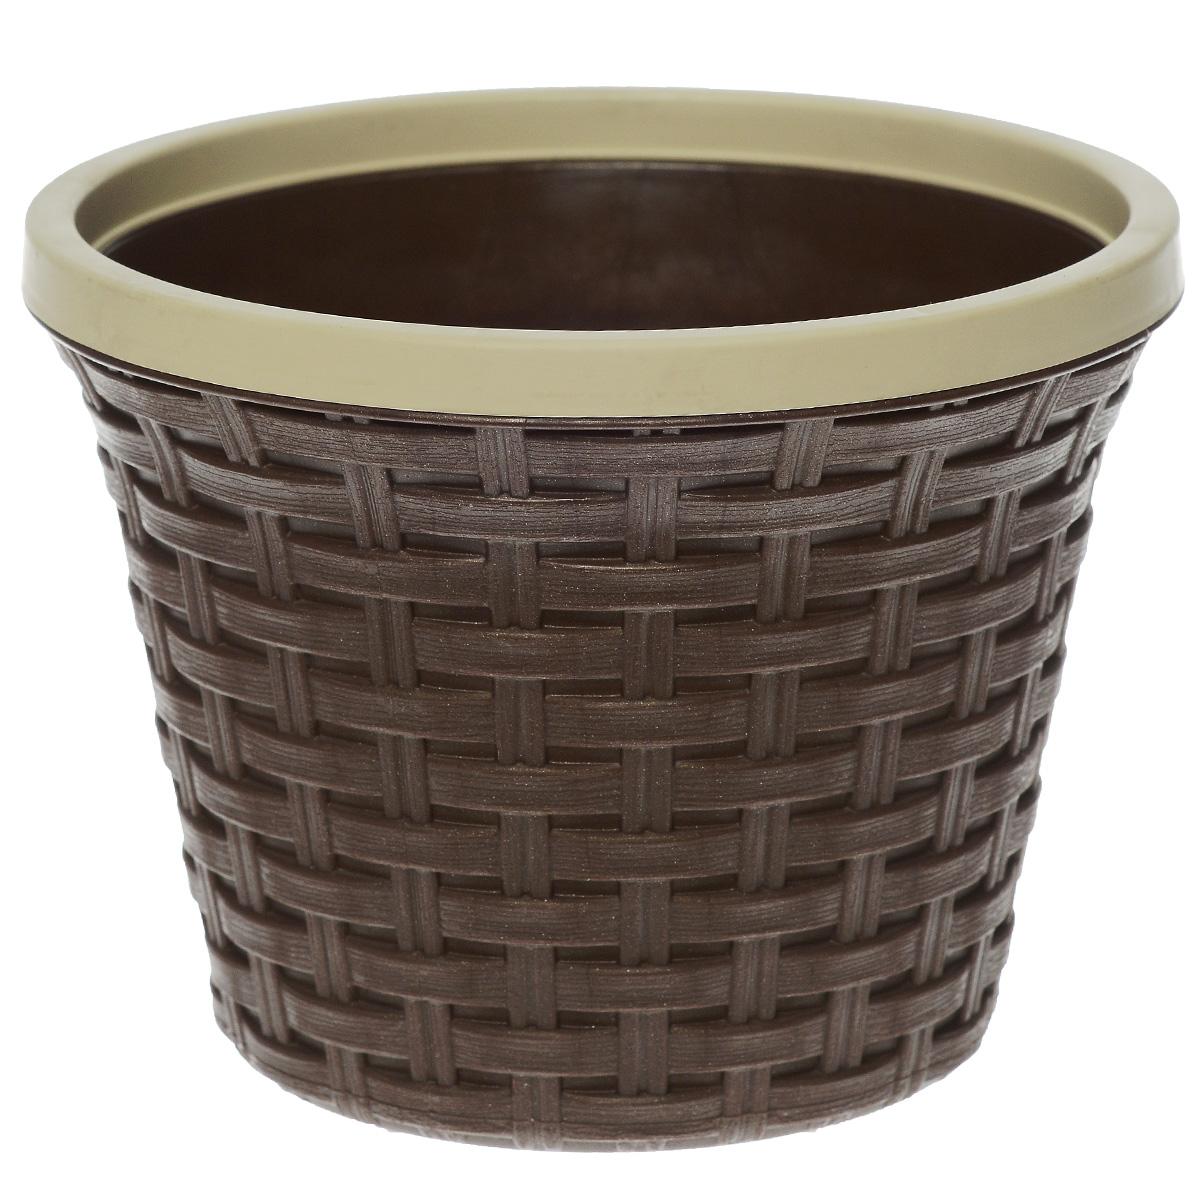 Кашпо Violet Ротанг, с дренажной системой, цвет: коричневый, 2,2 л32220/1Кашпо Violet Ротанг изготовлено из высококачественного пластика и оснащено дренажной системой для быстрого отведения избытка воды при поливе. Изделие прекрасно подходит для выращивания растений и цветов в домашних условиях. Лаконичный дизайн впишется в интерьер любого помещения.Объем: 2,2 л.